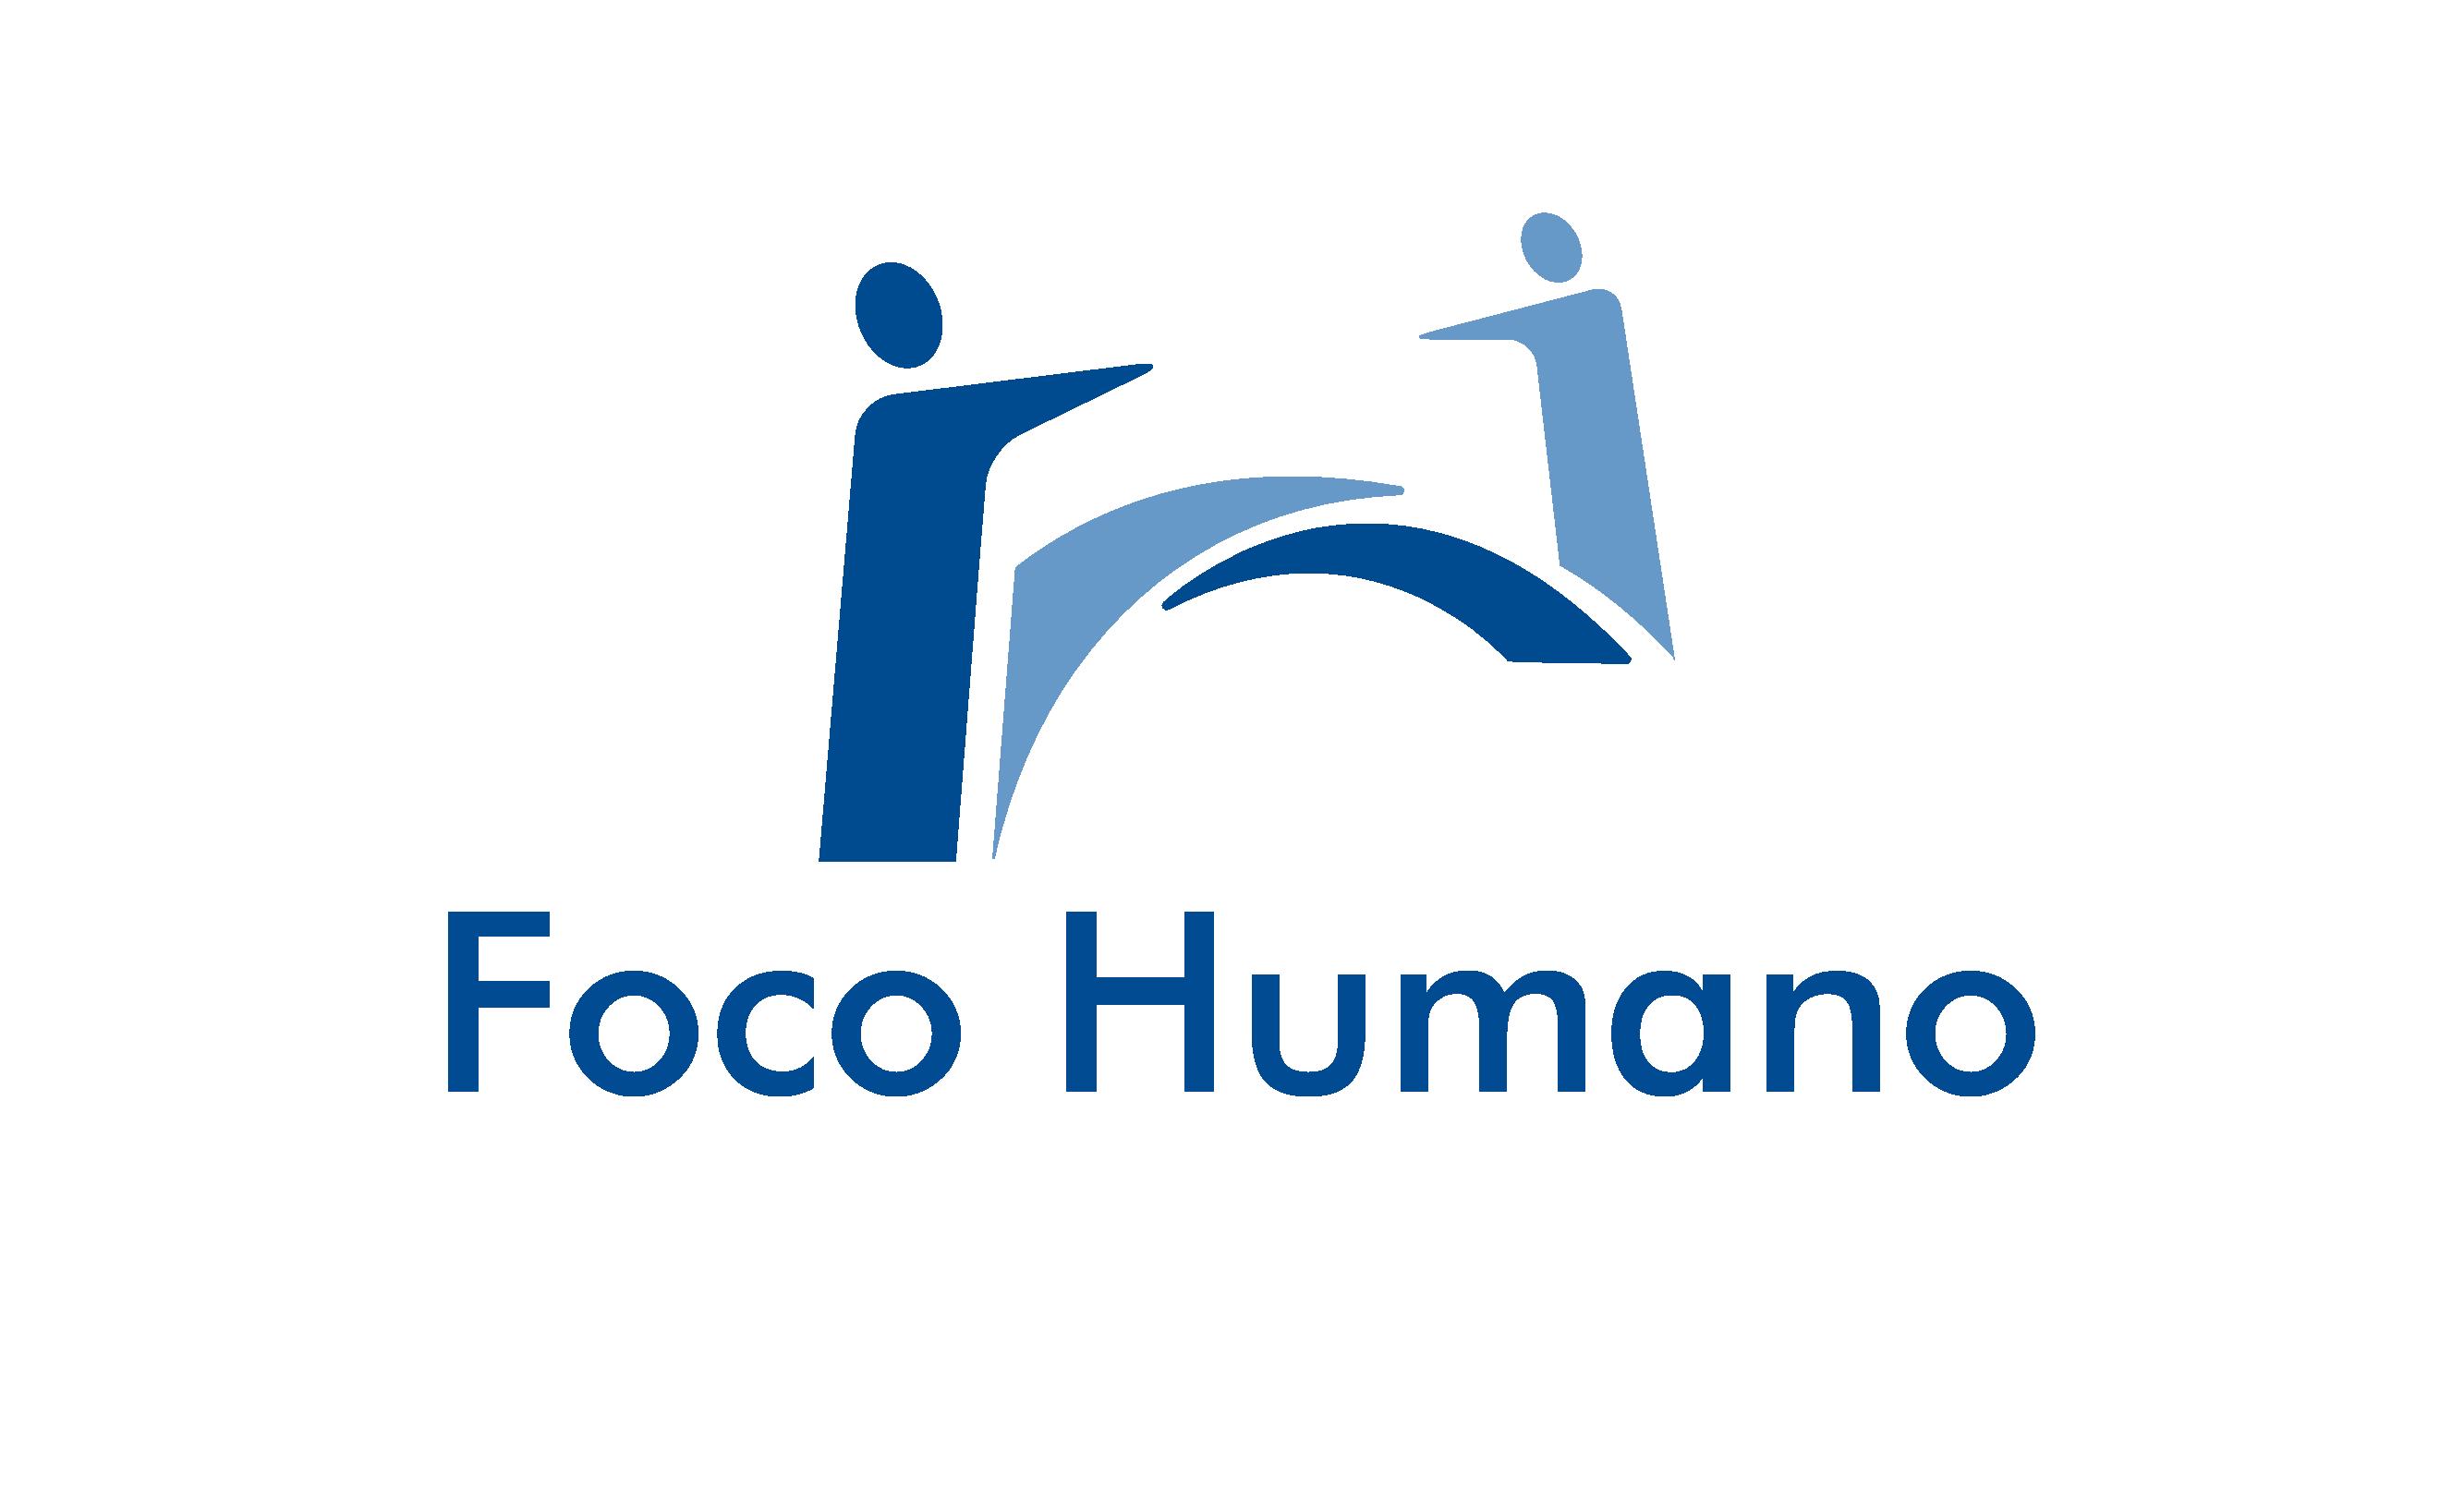 Empresas Desafio10x: Foco Humano Consultores SpA